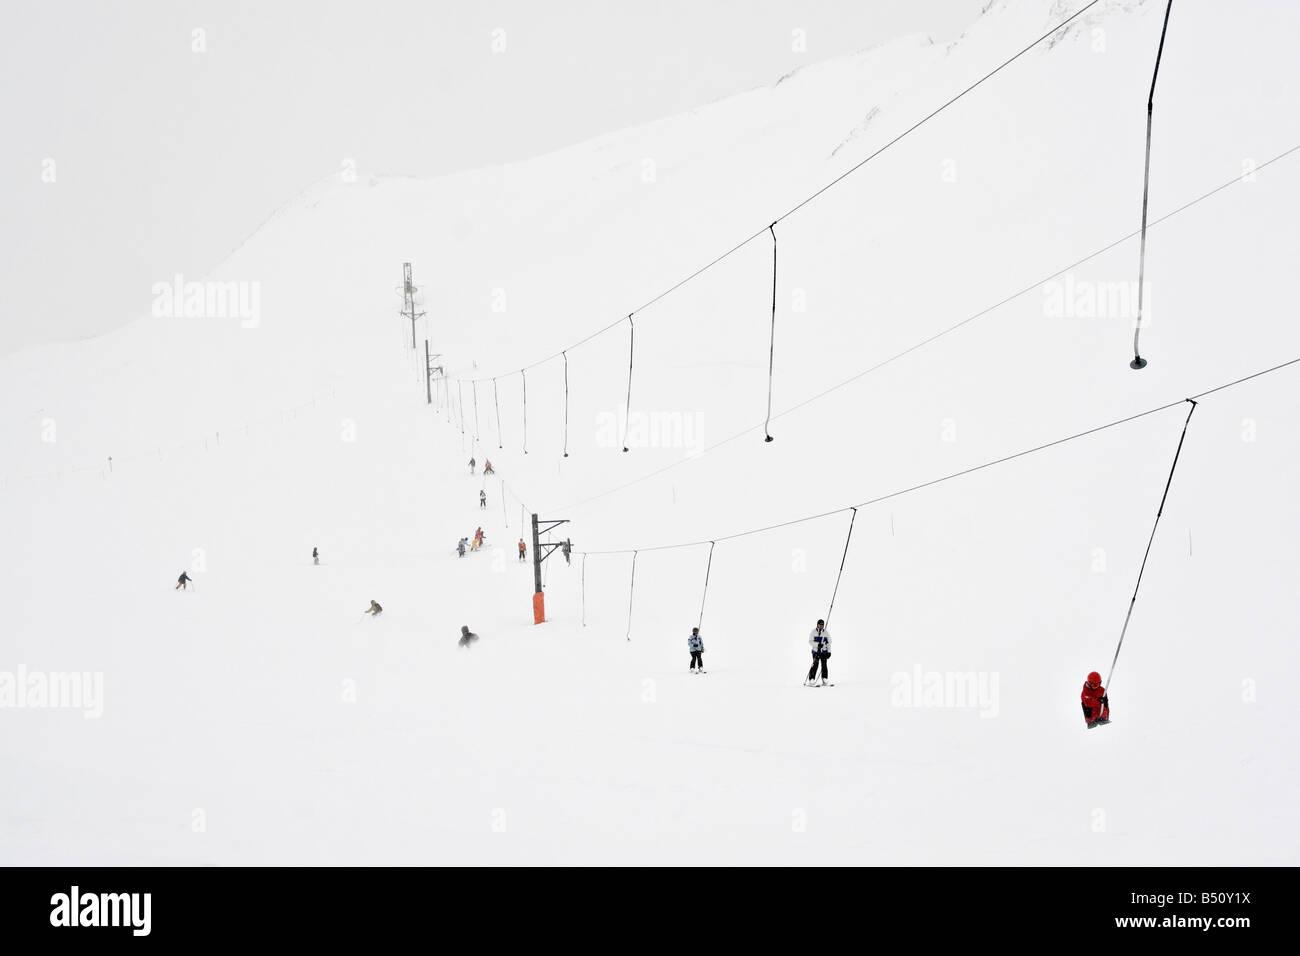 Gruppo di persone skiingan Alpi della Svizzera Immagini Stock